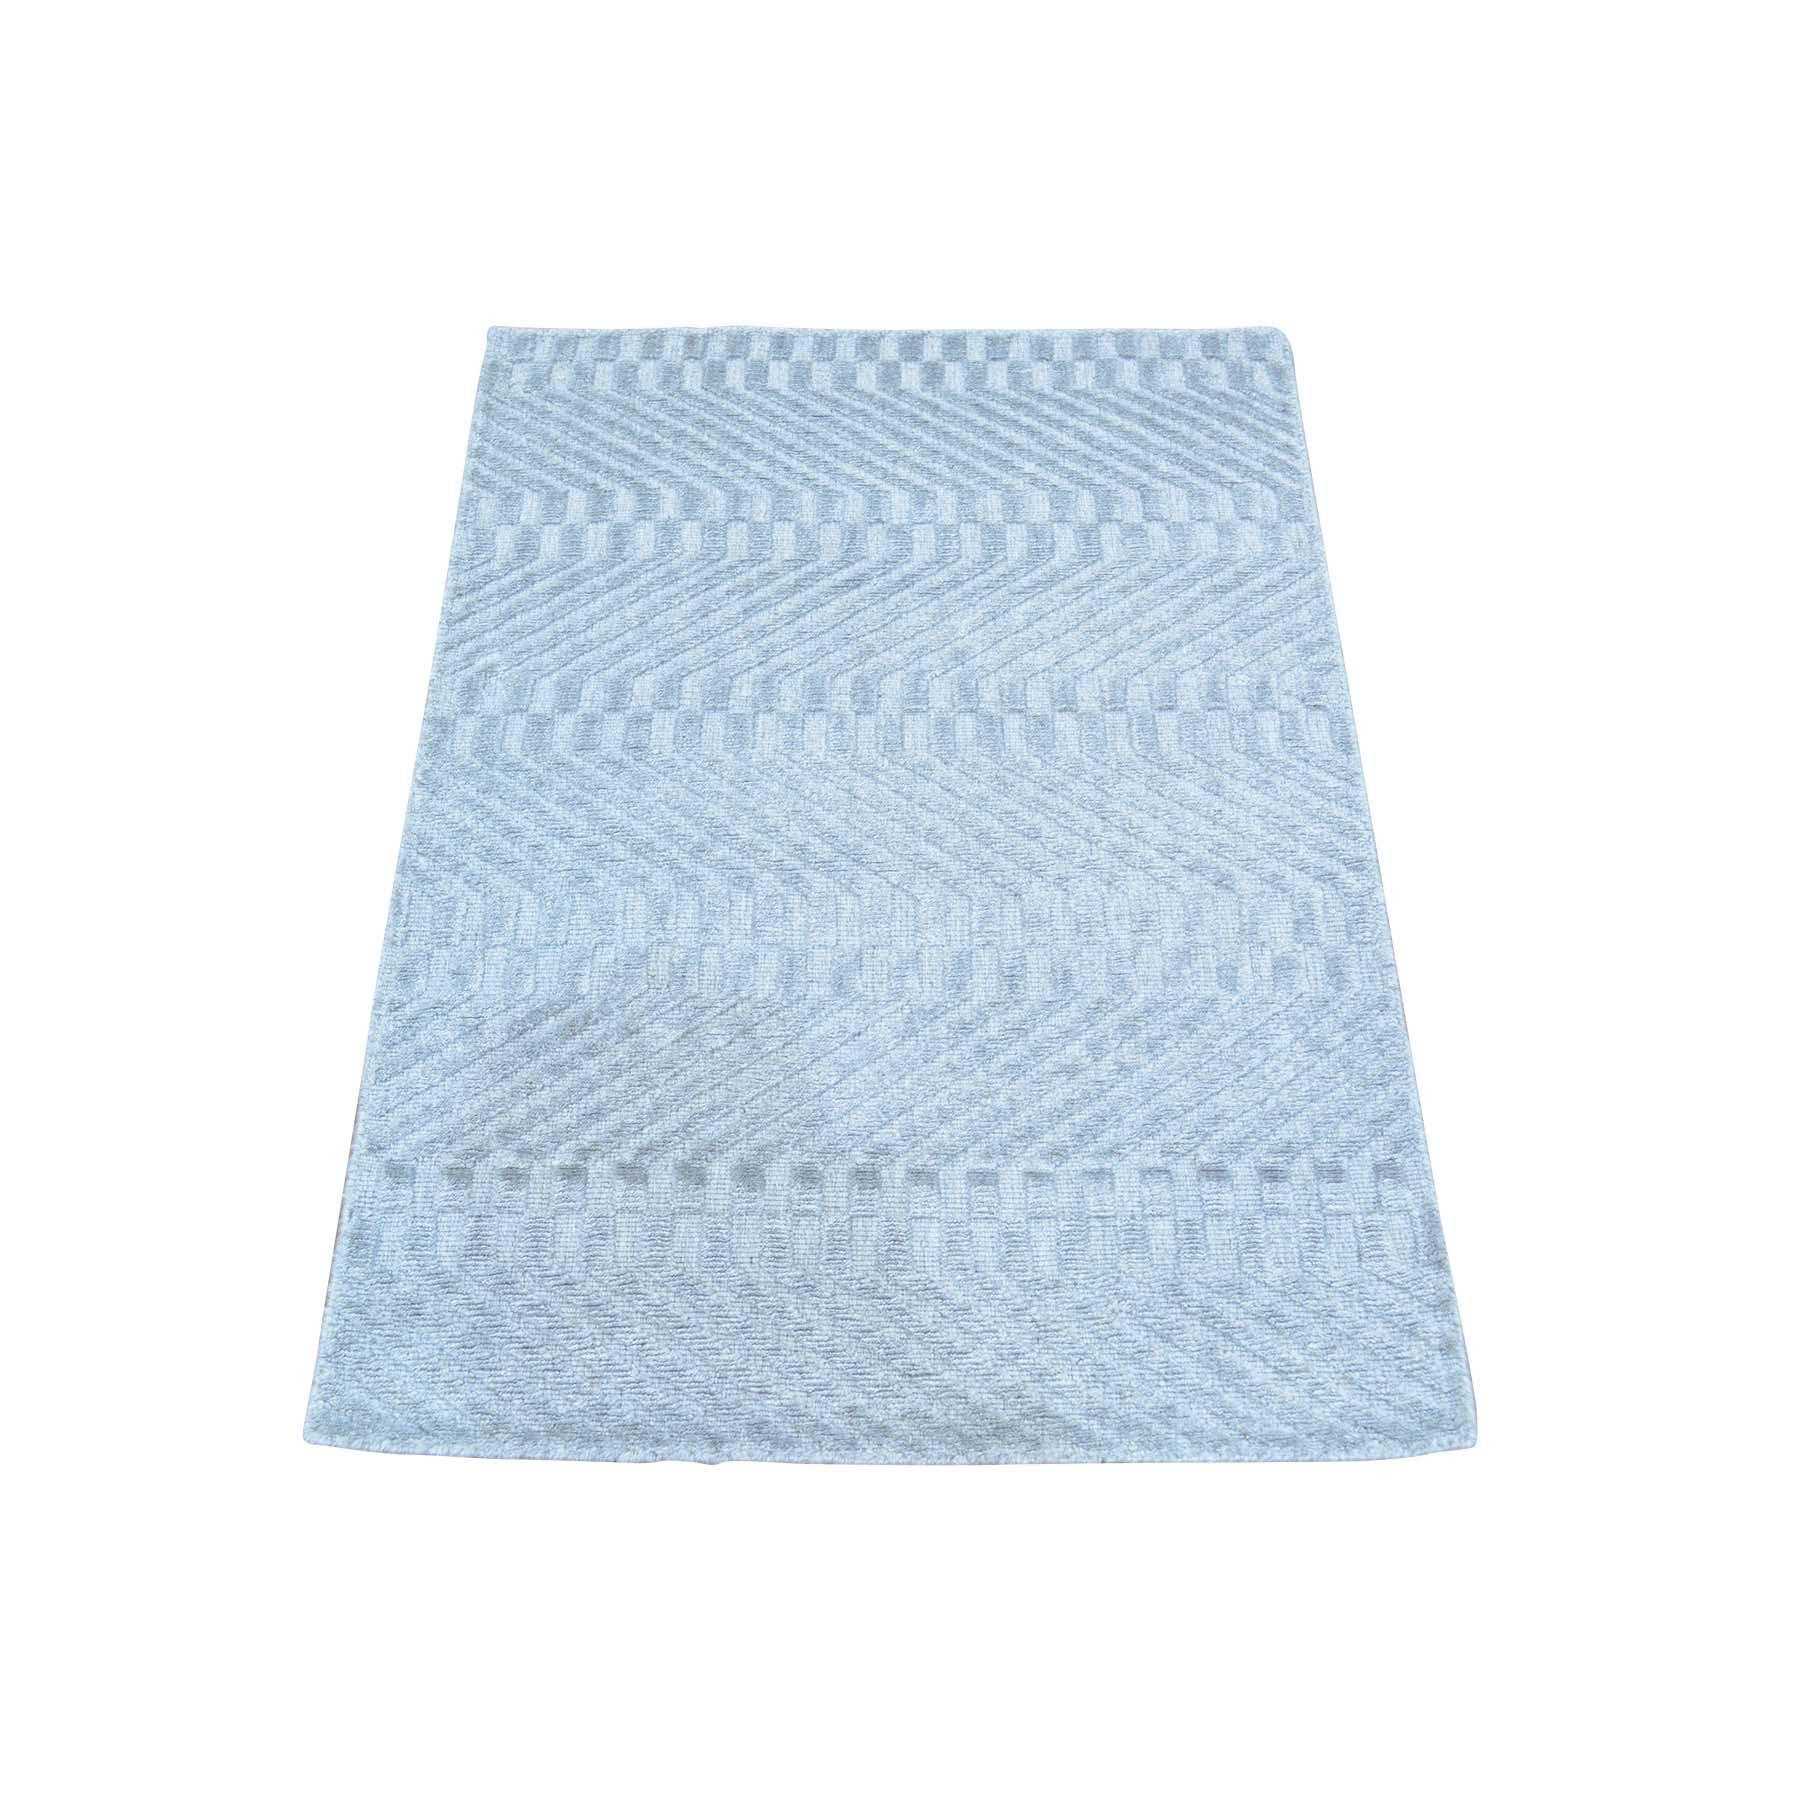 2'X3' Tone On Tone Grey Hand Loomed Wool And Silk Rug moab99ea